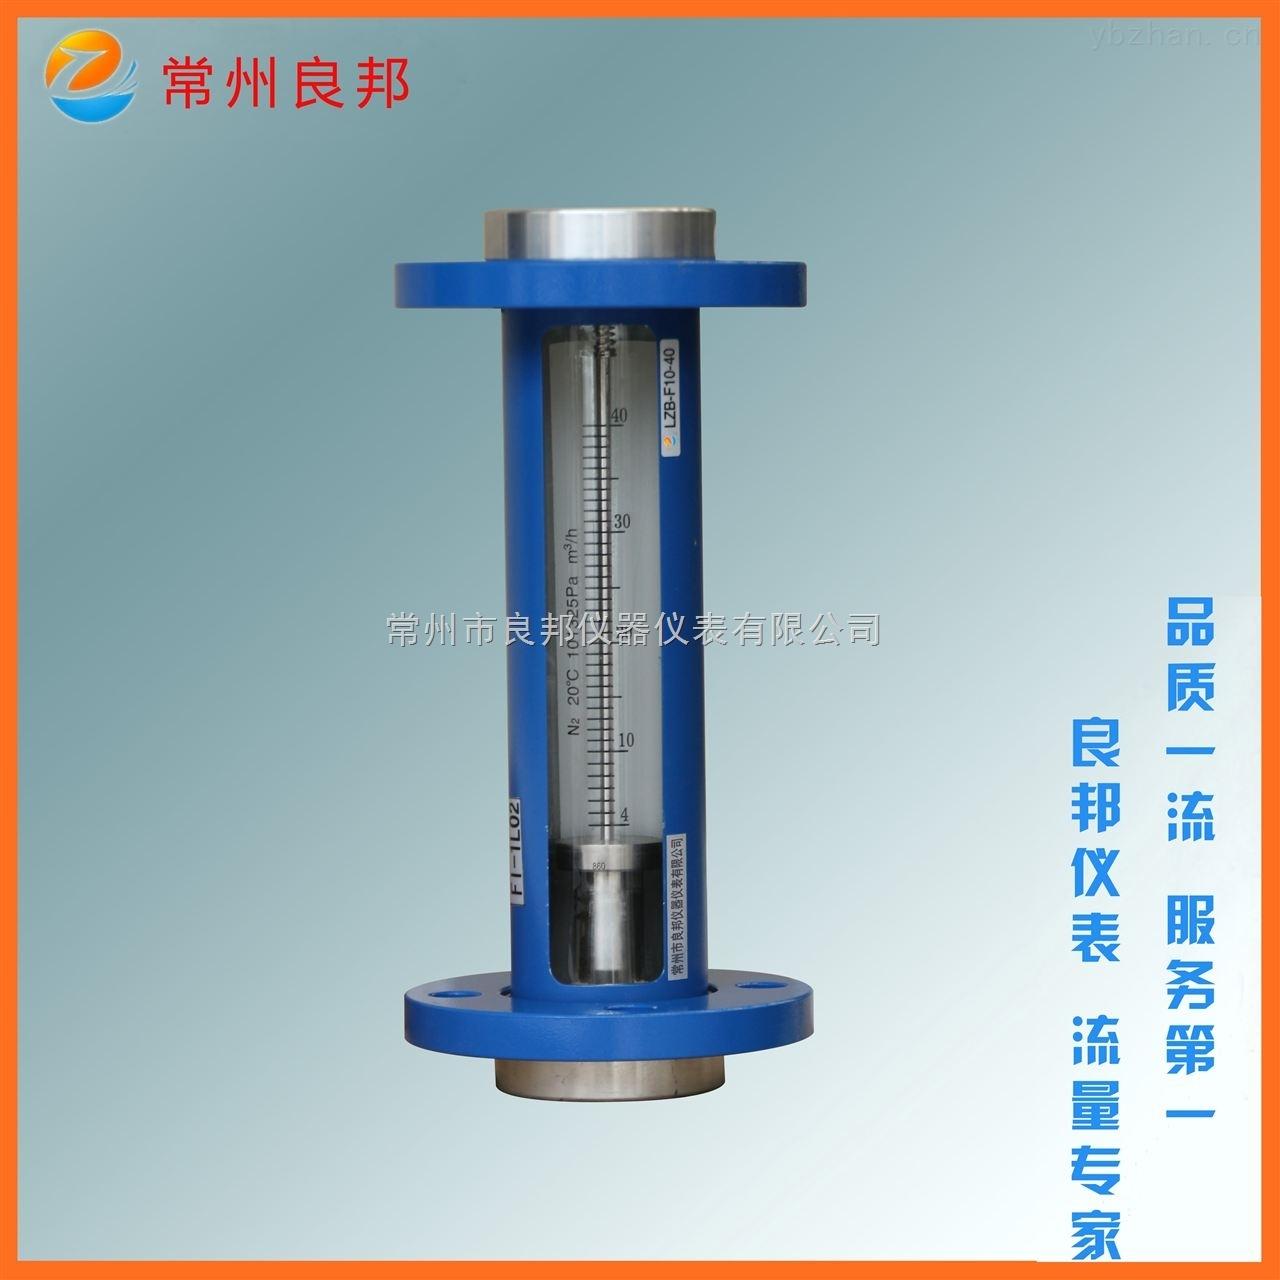 FA10-40-良邦仪表玻璃转子流量计FA10-40